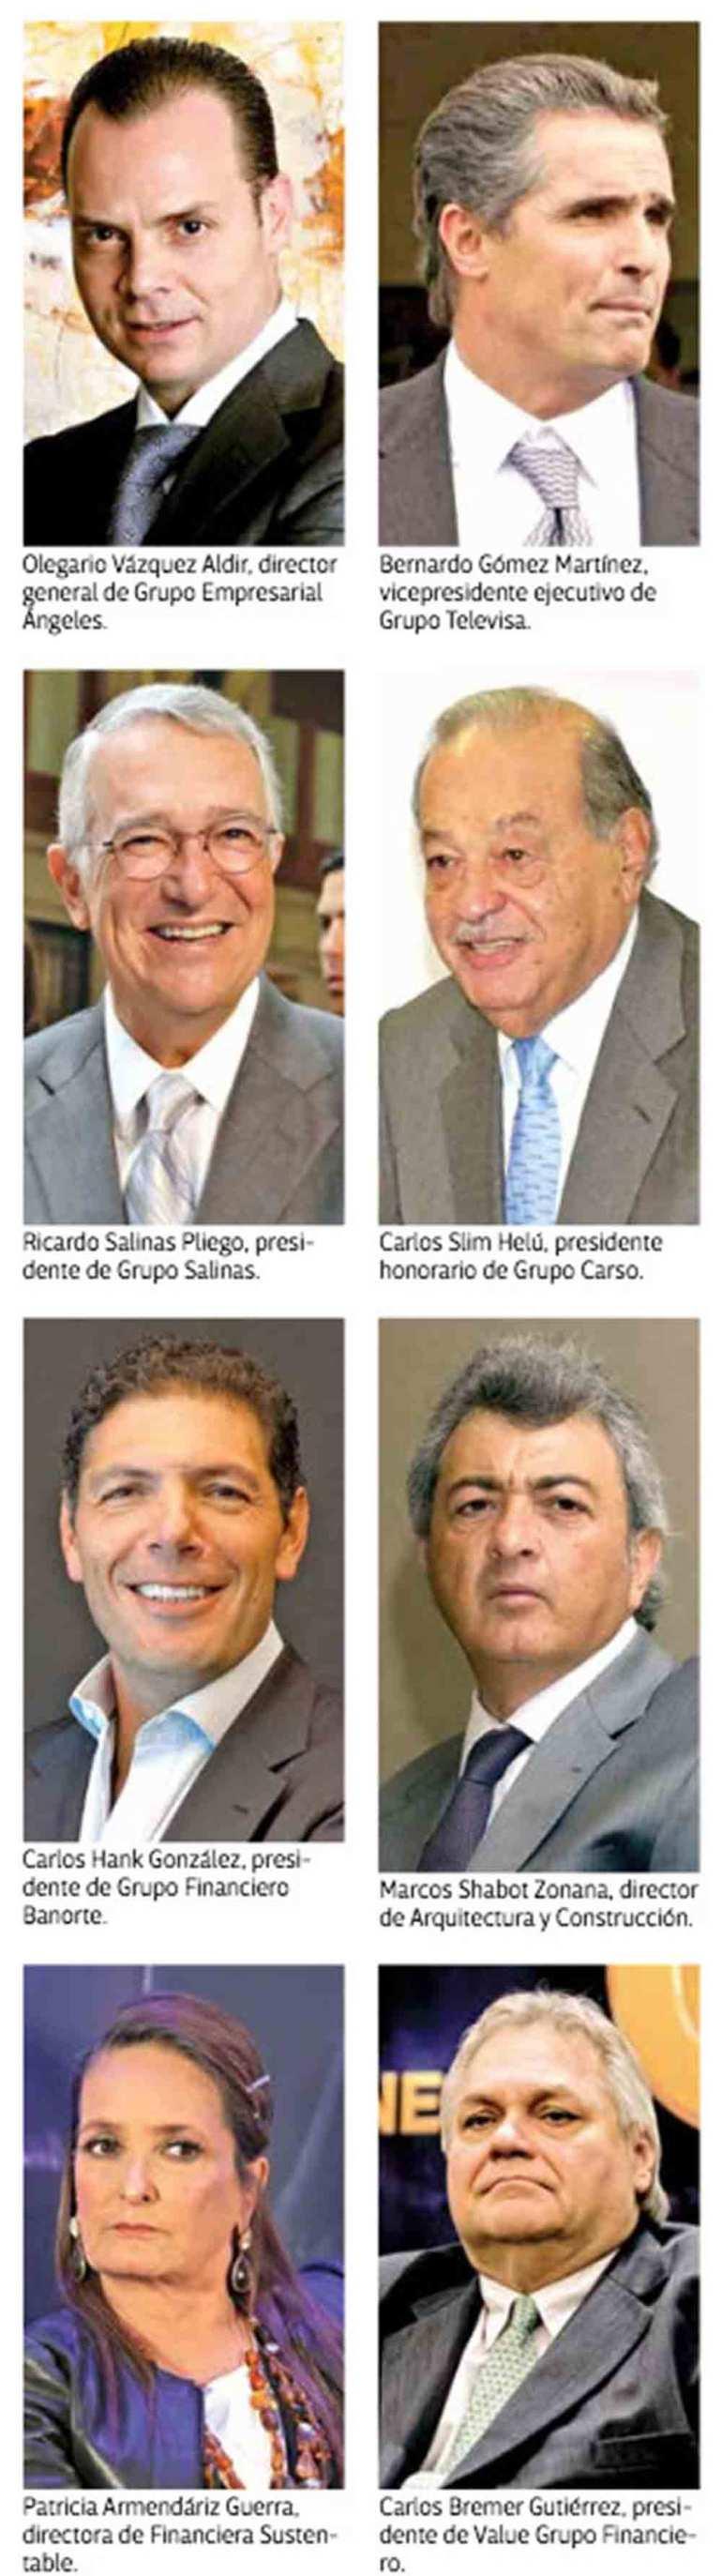 Empresarios que acompañan al Presidente